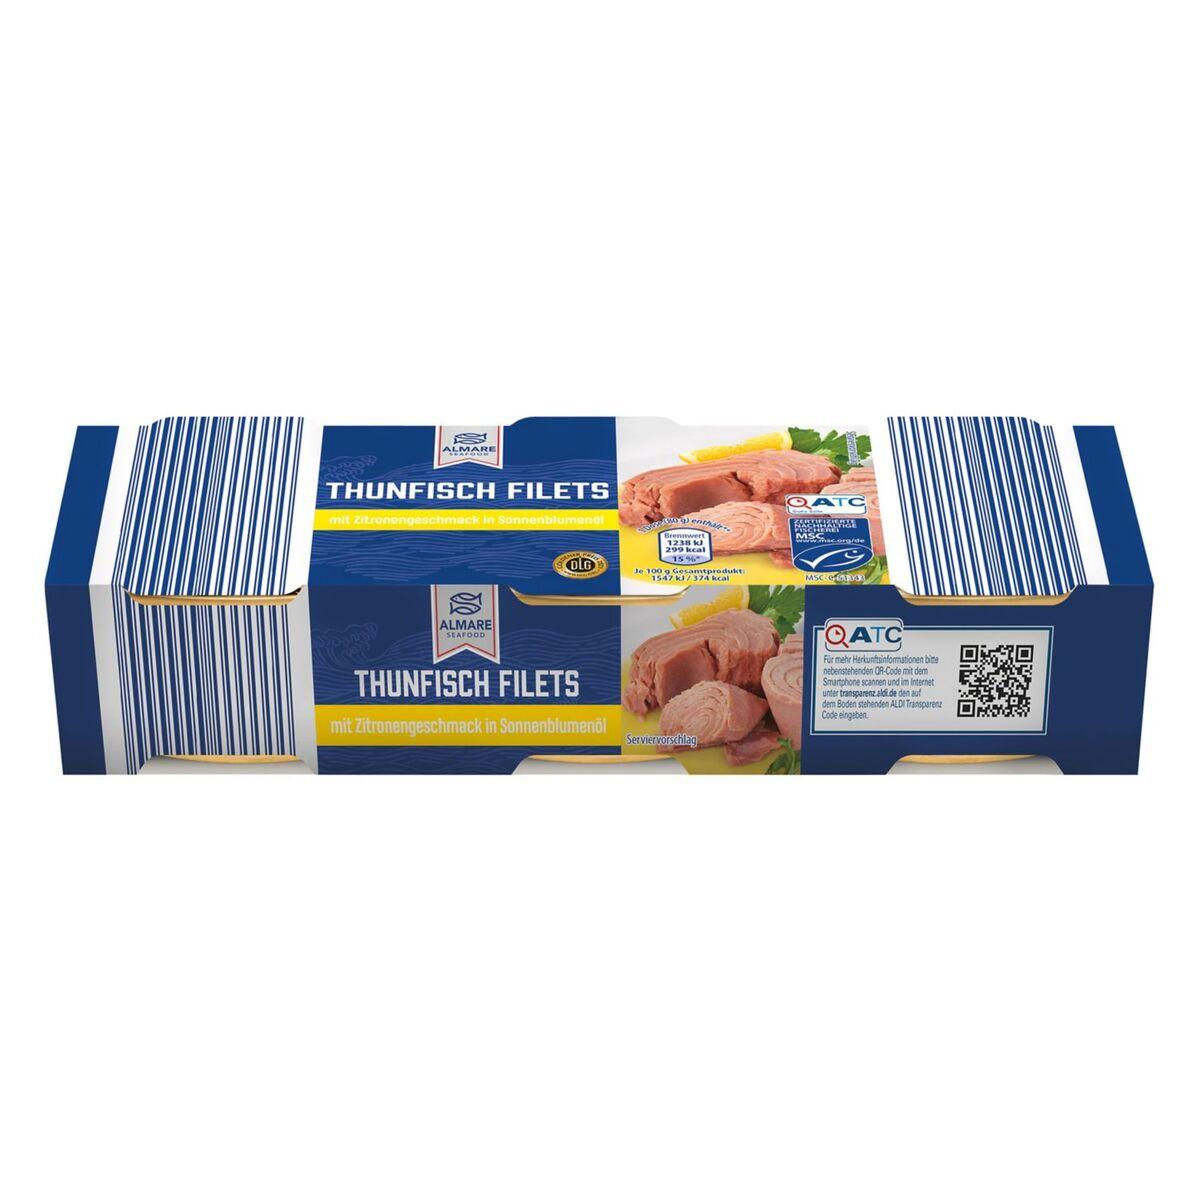 Bild 3 von ALMARE Mini-Pack Thunfisch 240 g